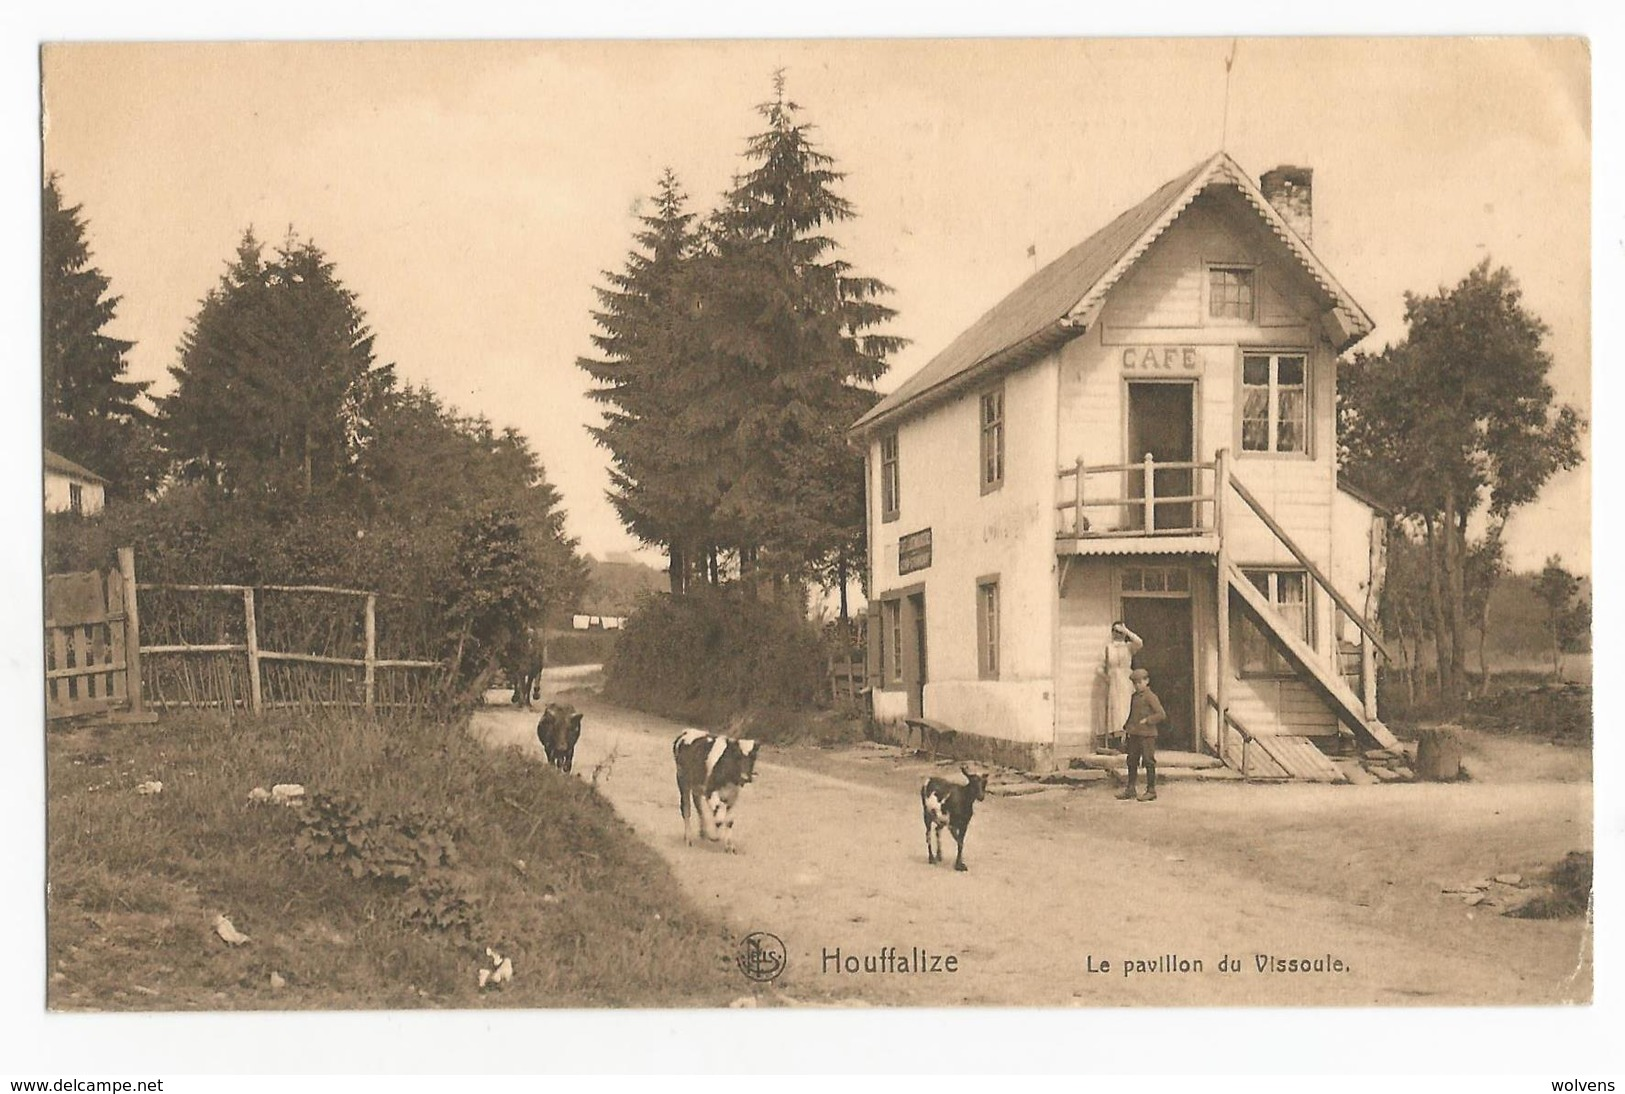 Alhoumont Cowan Café Le Pavillon De Vissoule Carte Postale Ancienne Houffalize - Houffalize